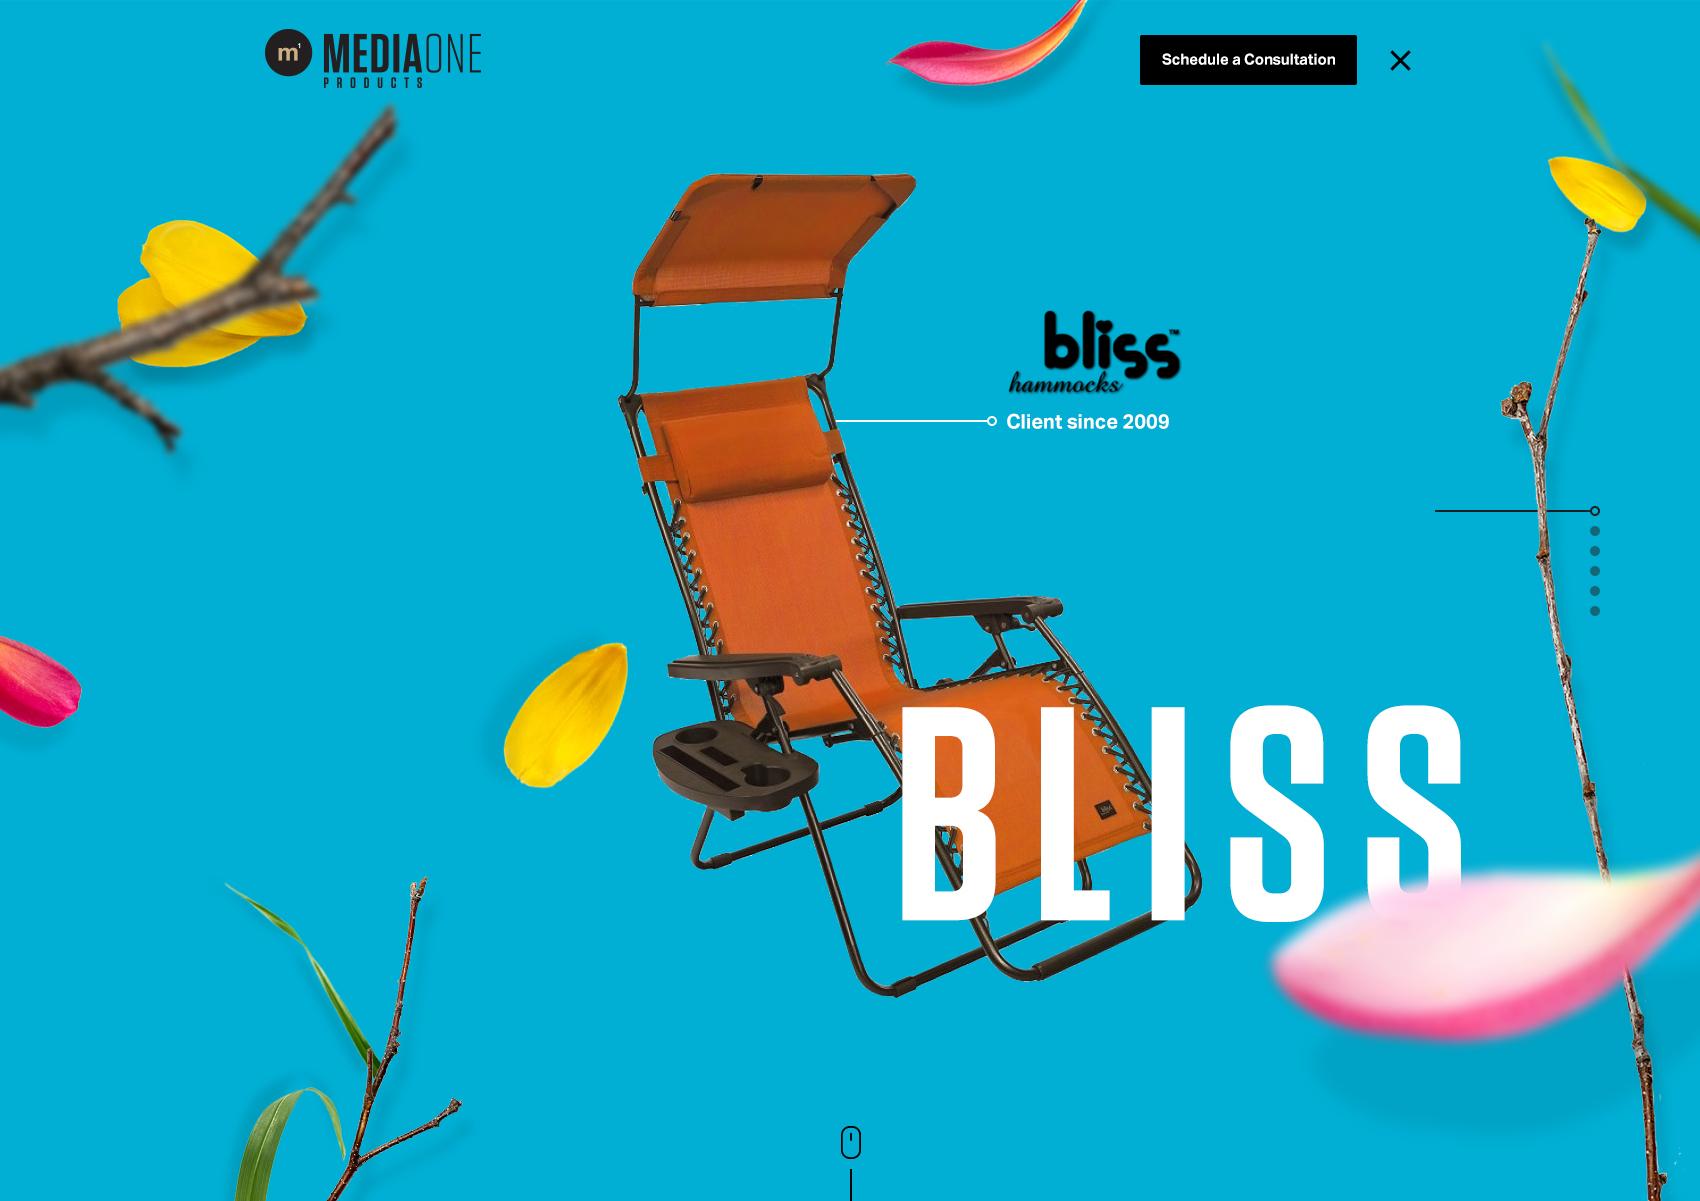 m1p-bliss-1.jpg